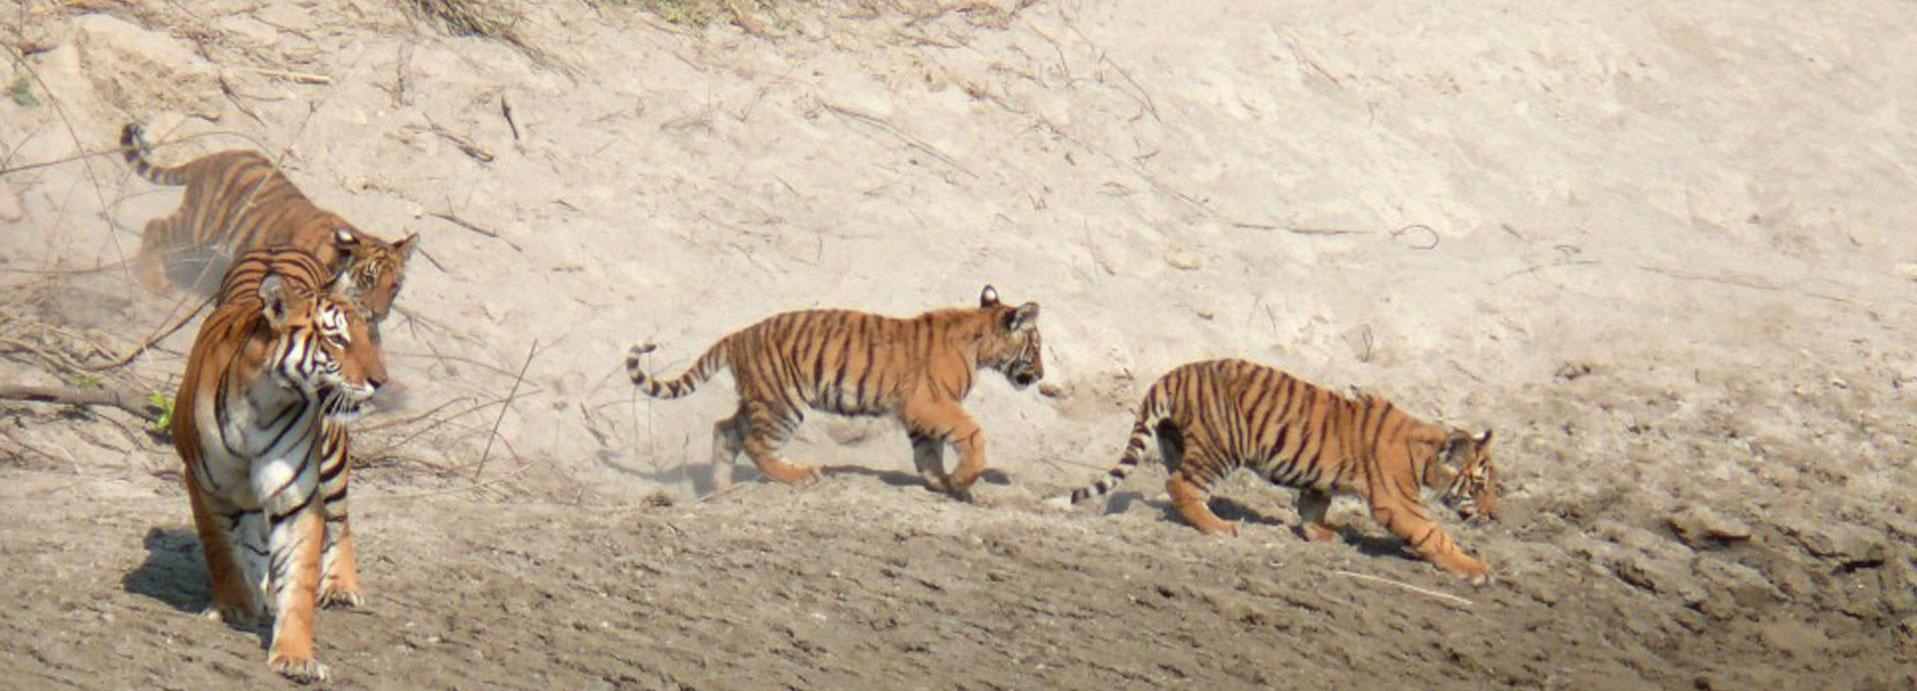 Bardia Wildlife Safari